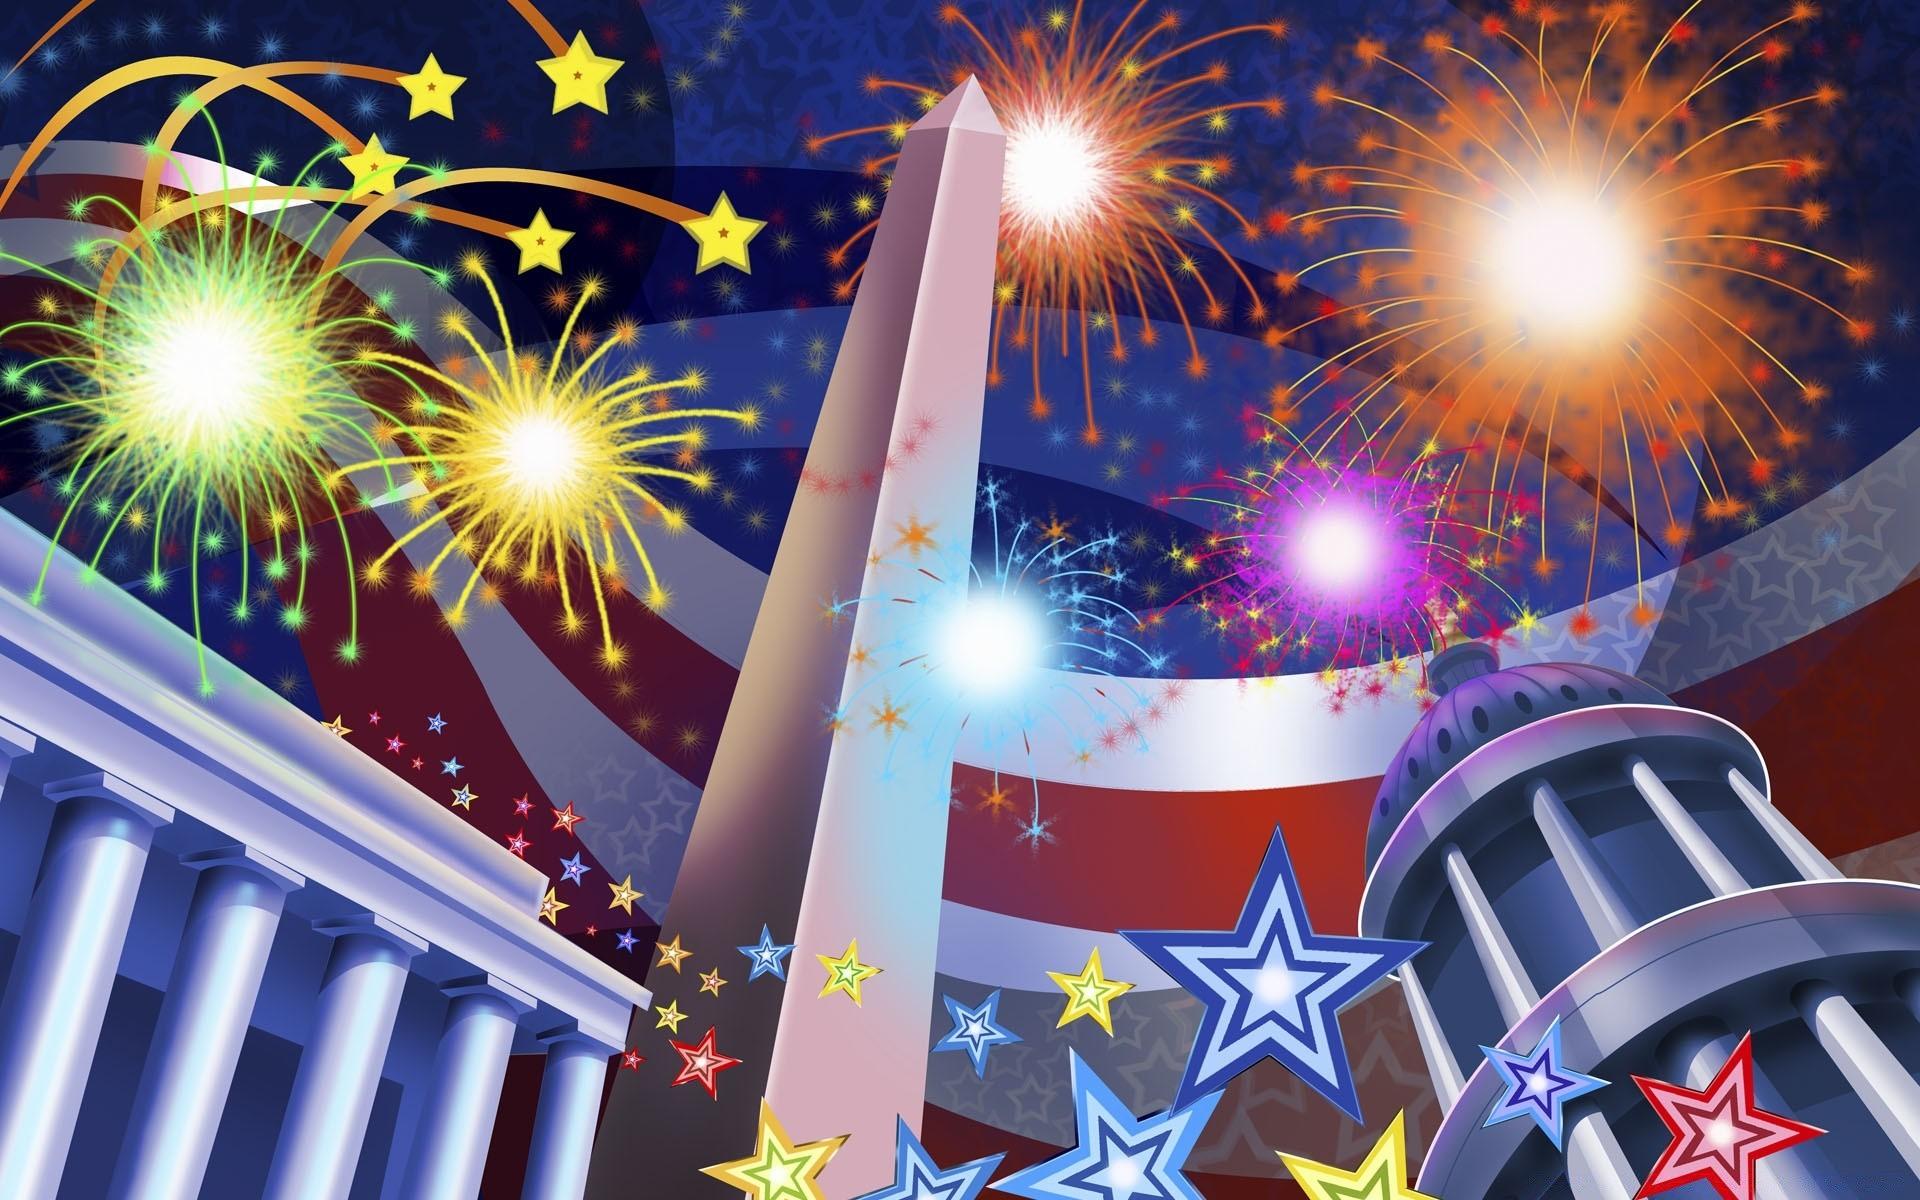 Открытка, открытка ко дню независимости америки